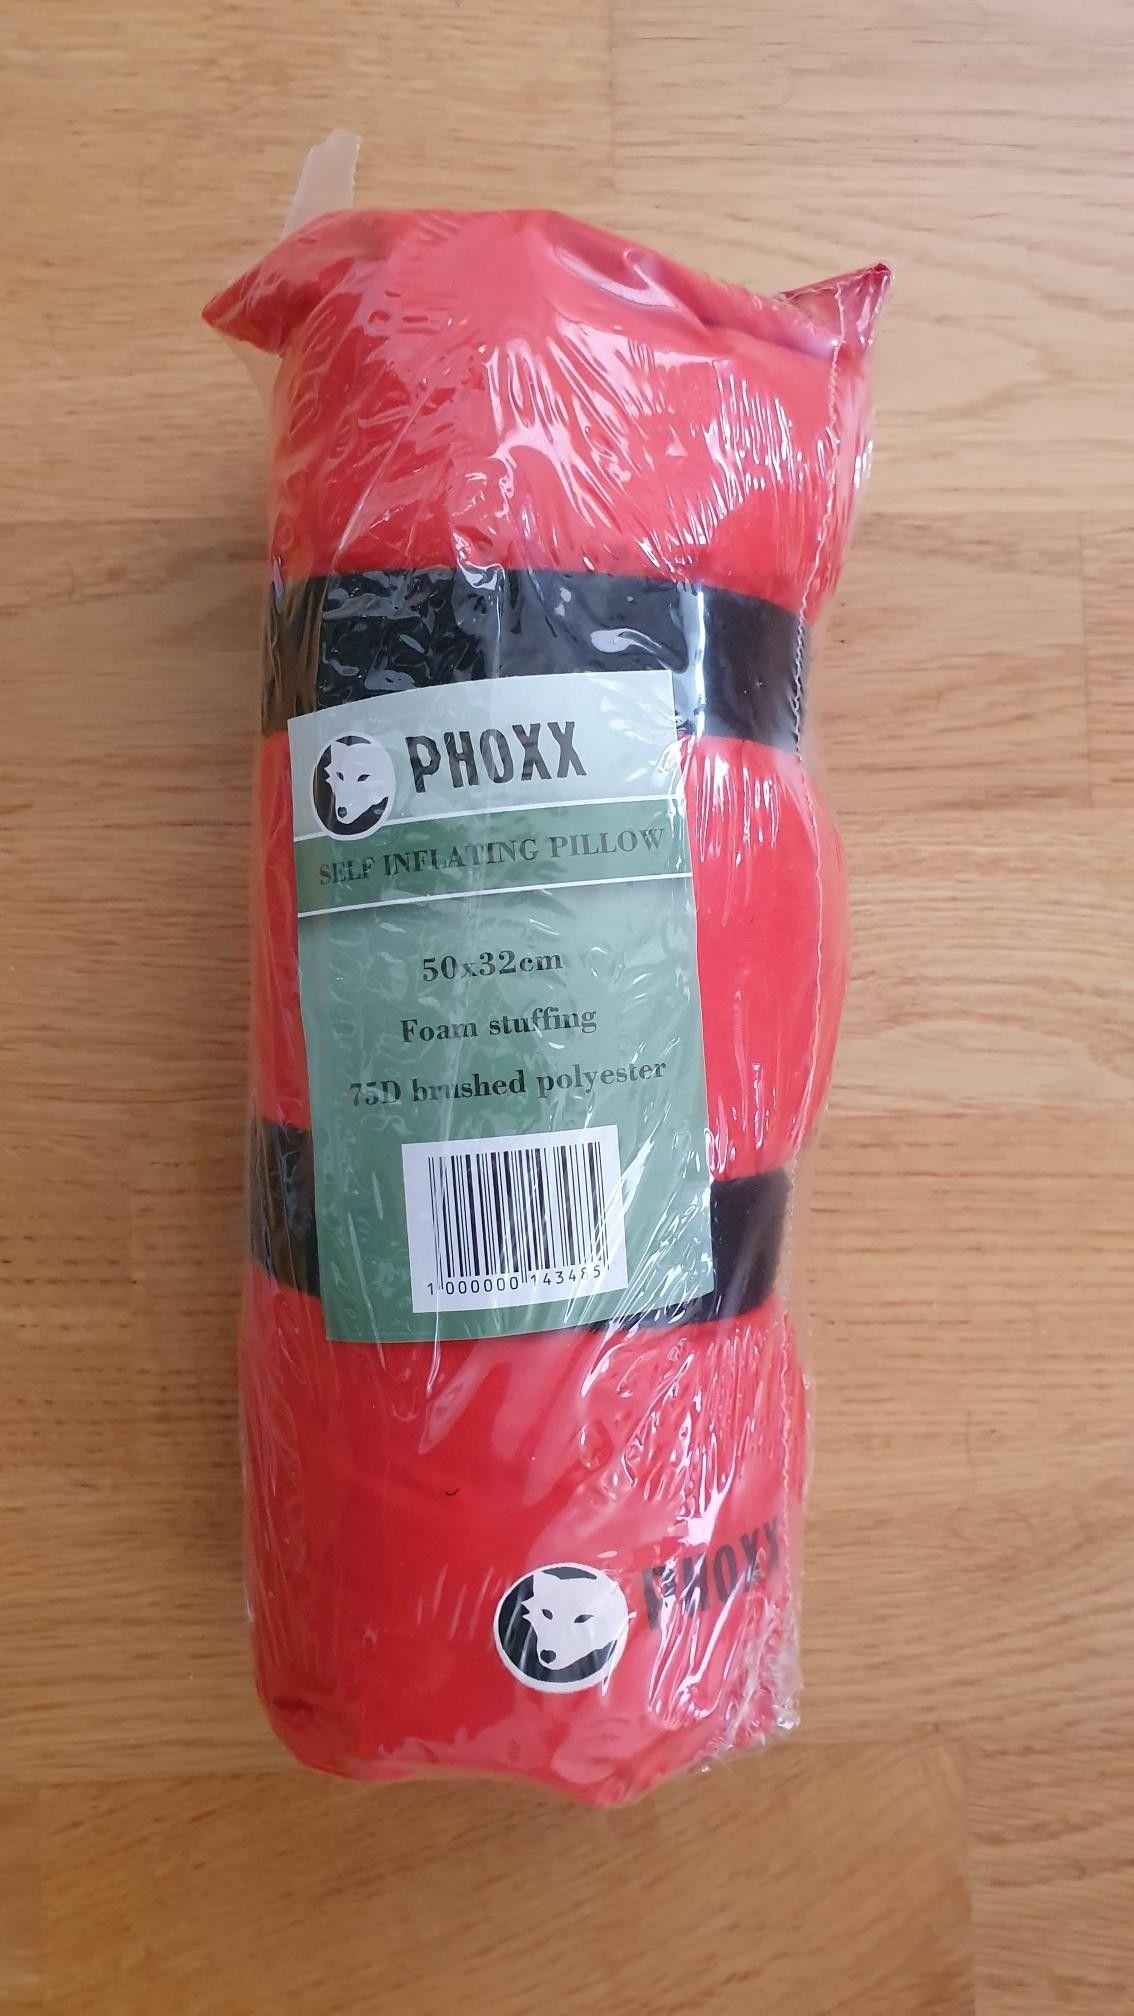 Phoxx Selvoppblåsbar pute Oransje Når du skal sove | XXL